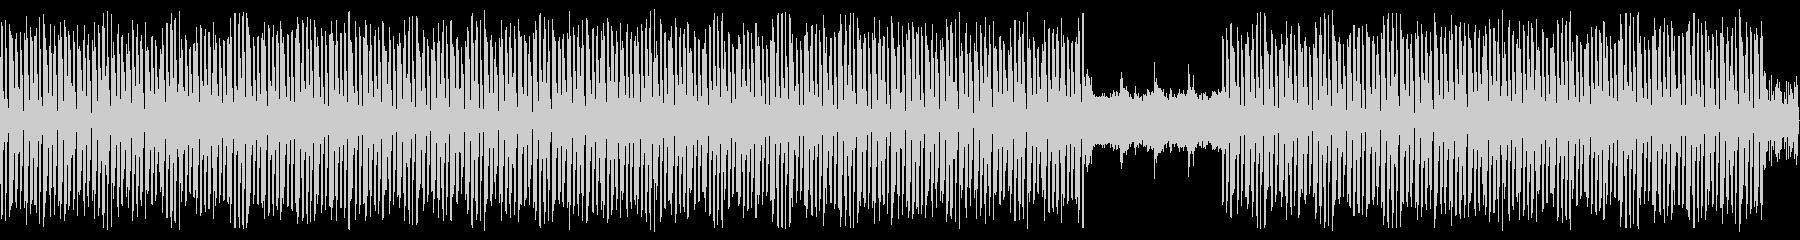 エレクトリックなチューン(ループ可)の未再生の波形